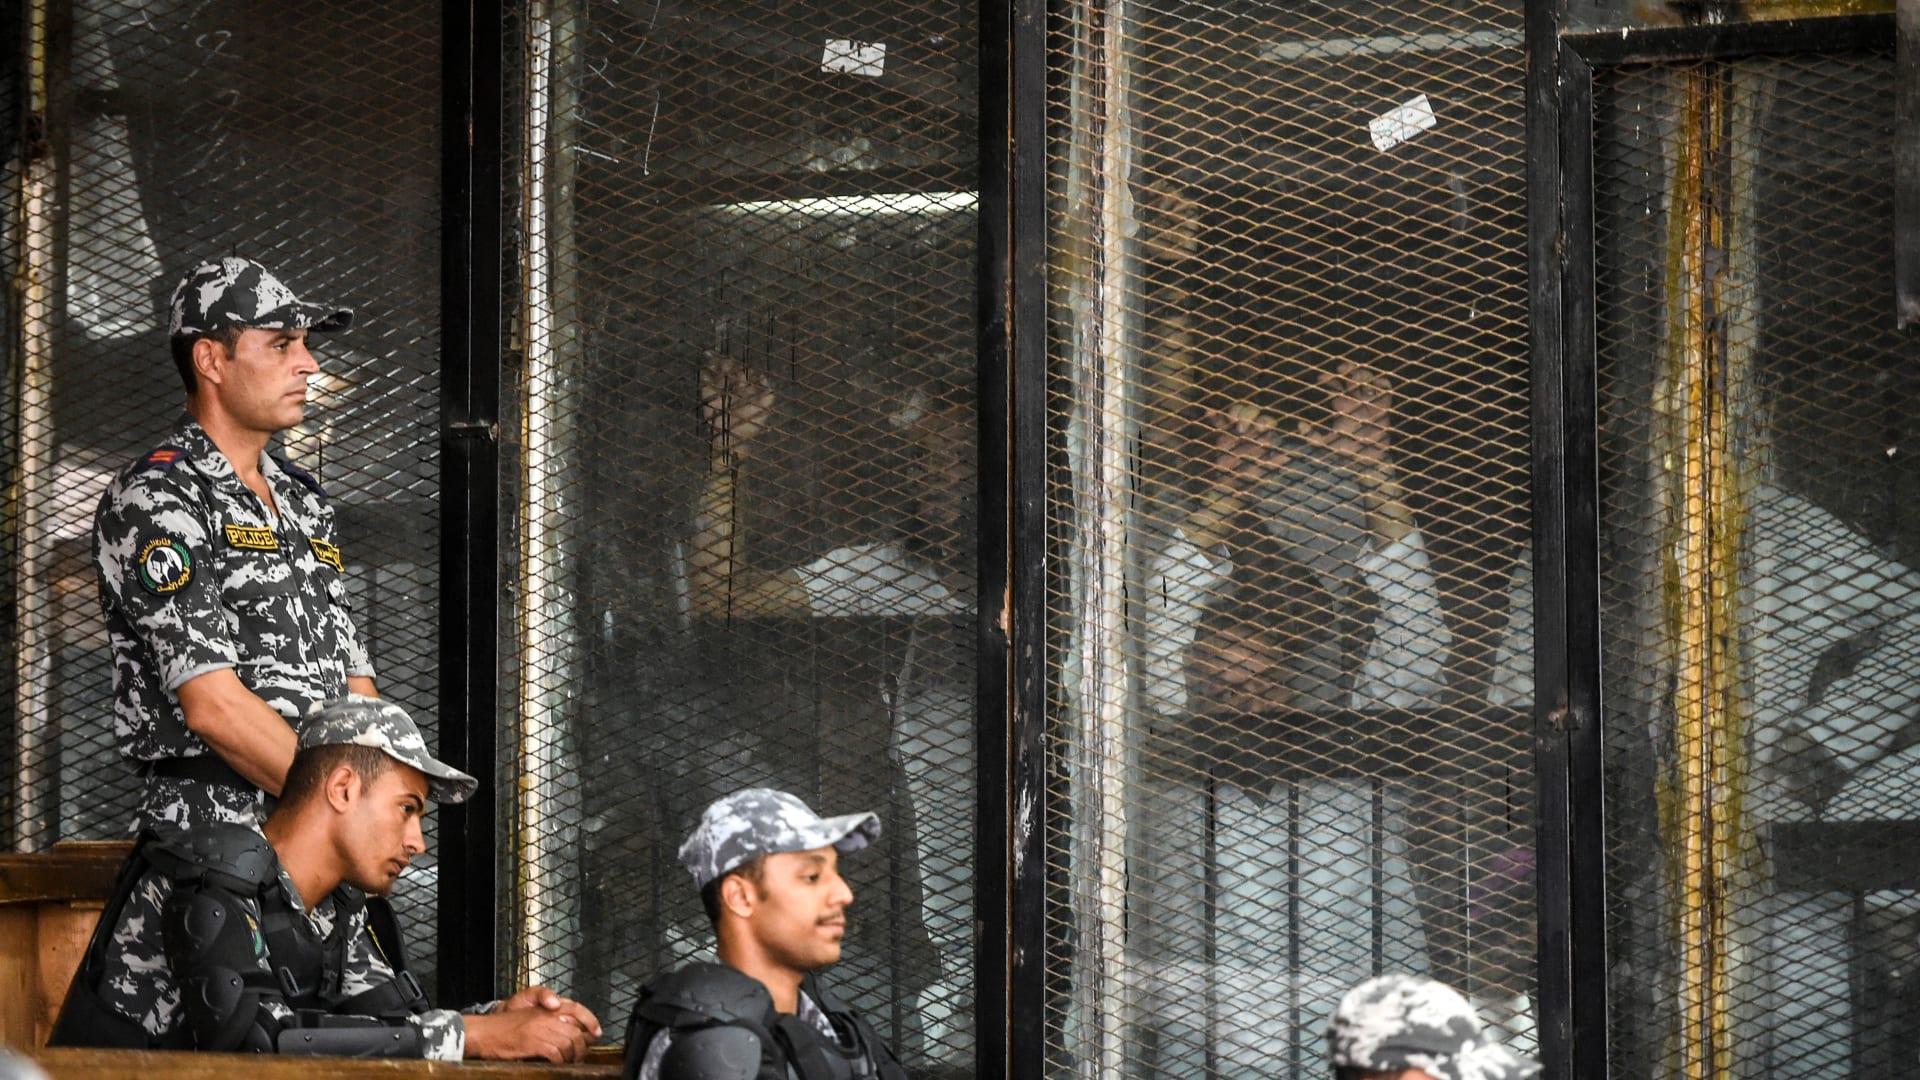 أعضاء من جماعة الإخوان المسلمين المحظورة في مصر يشاهدون داخل رصيف زجاجي أثناء محاكمتهم في العاصمة القاهرة في 28 يوليو 2018